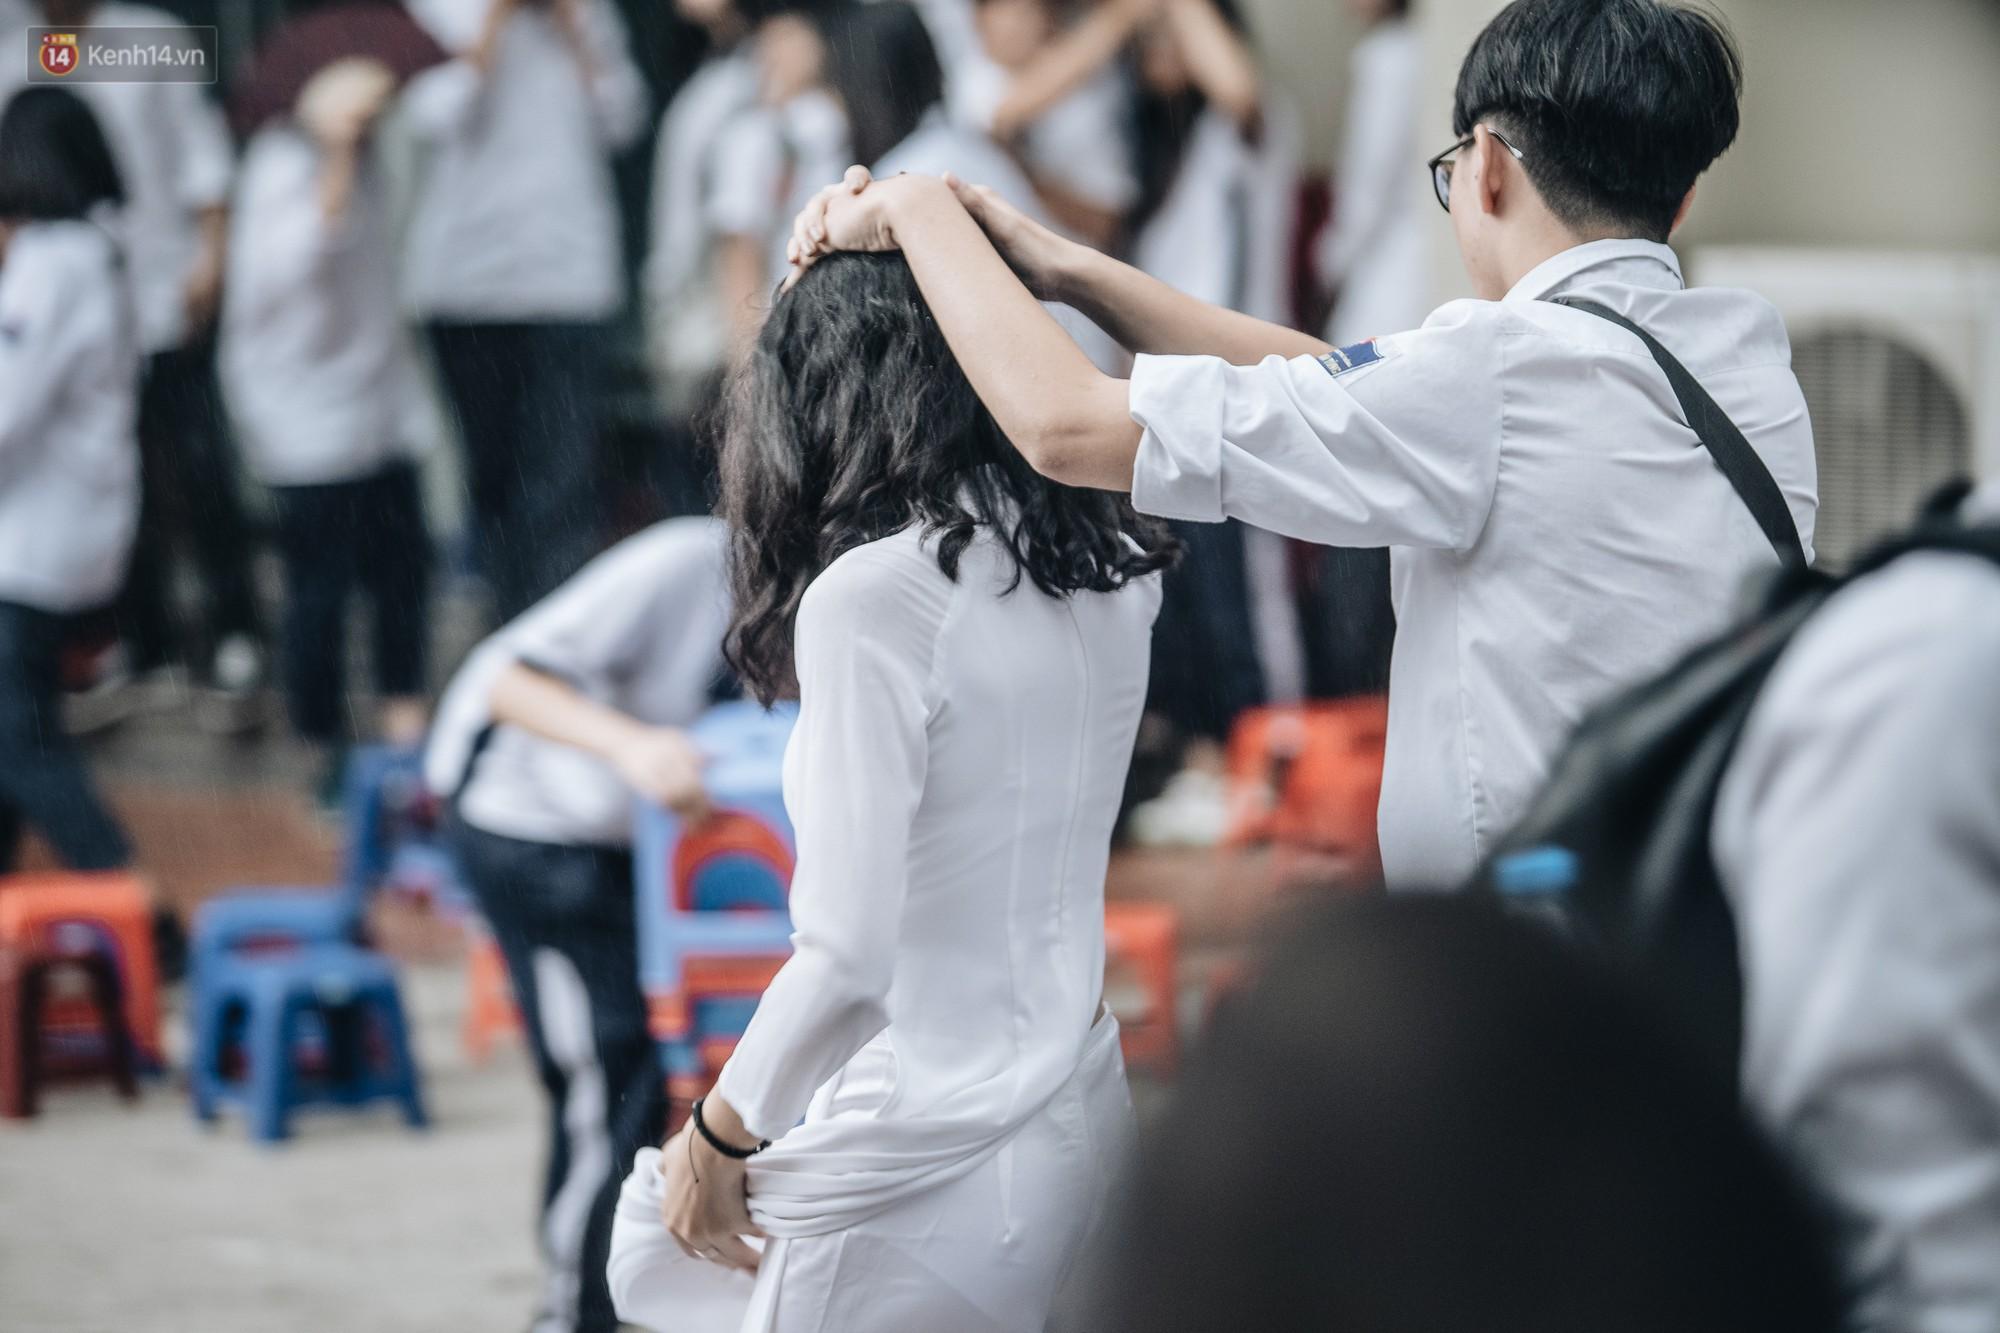 Cô gái với bức thư tình không bao giờ được đáp lại trên áo đồng phục: Đúng người, đúng thời điểm nhưng không đến được với nhau, đó là thanh xuân-1